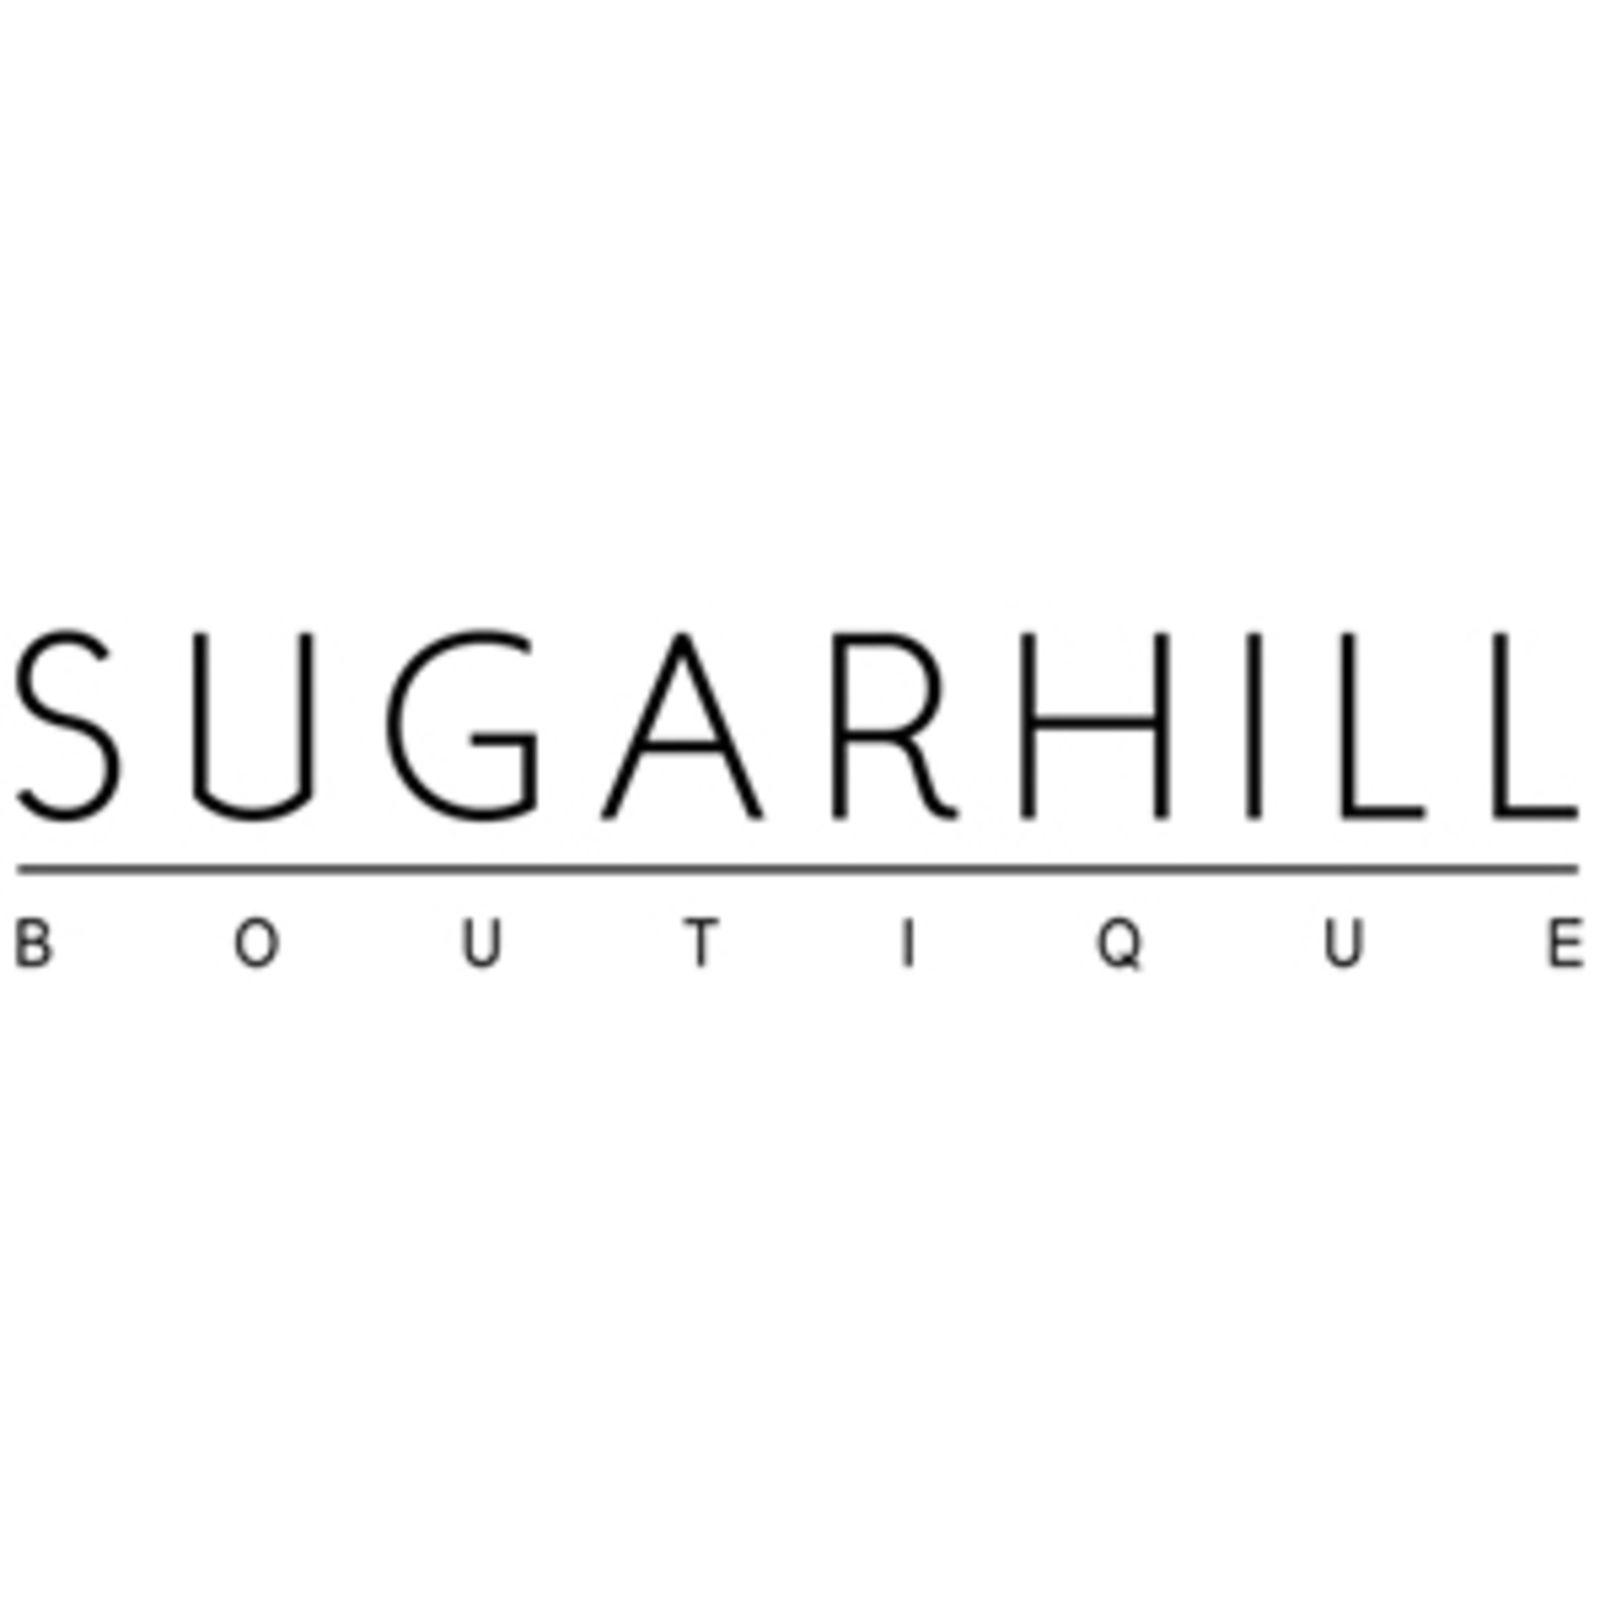 SUGARHILL BOUTIQUE